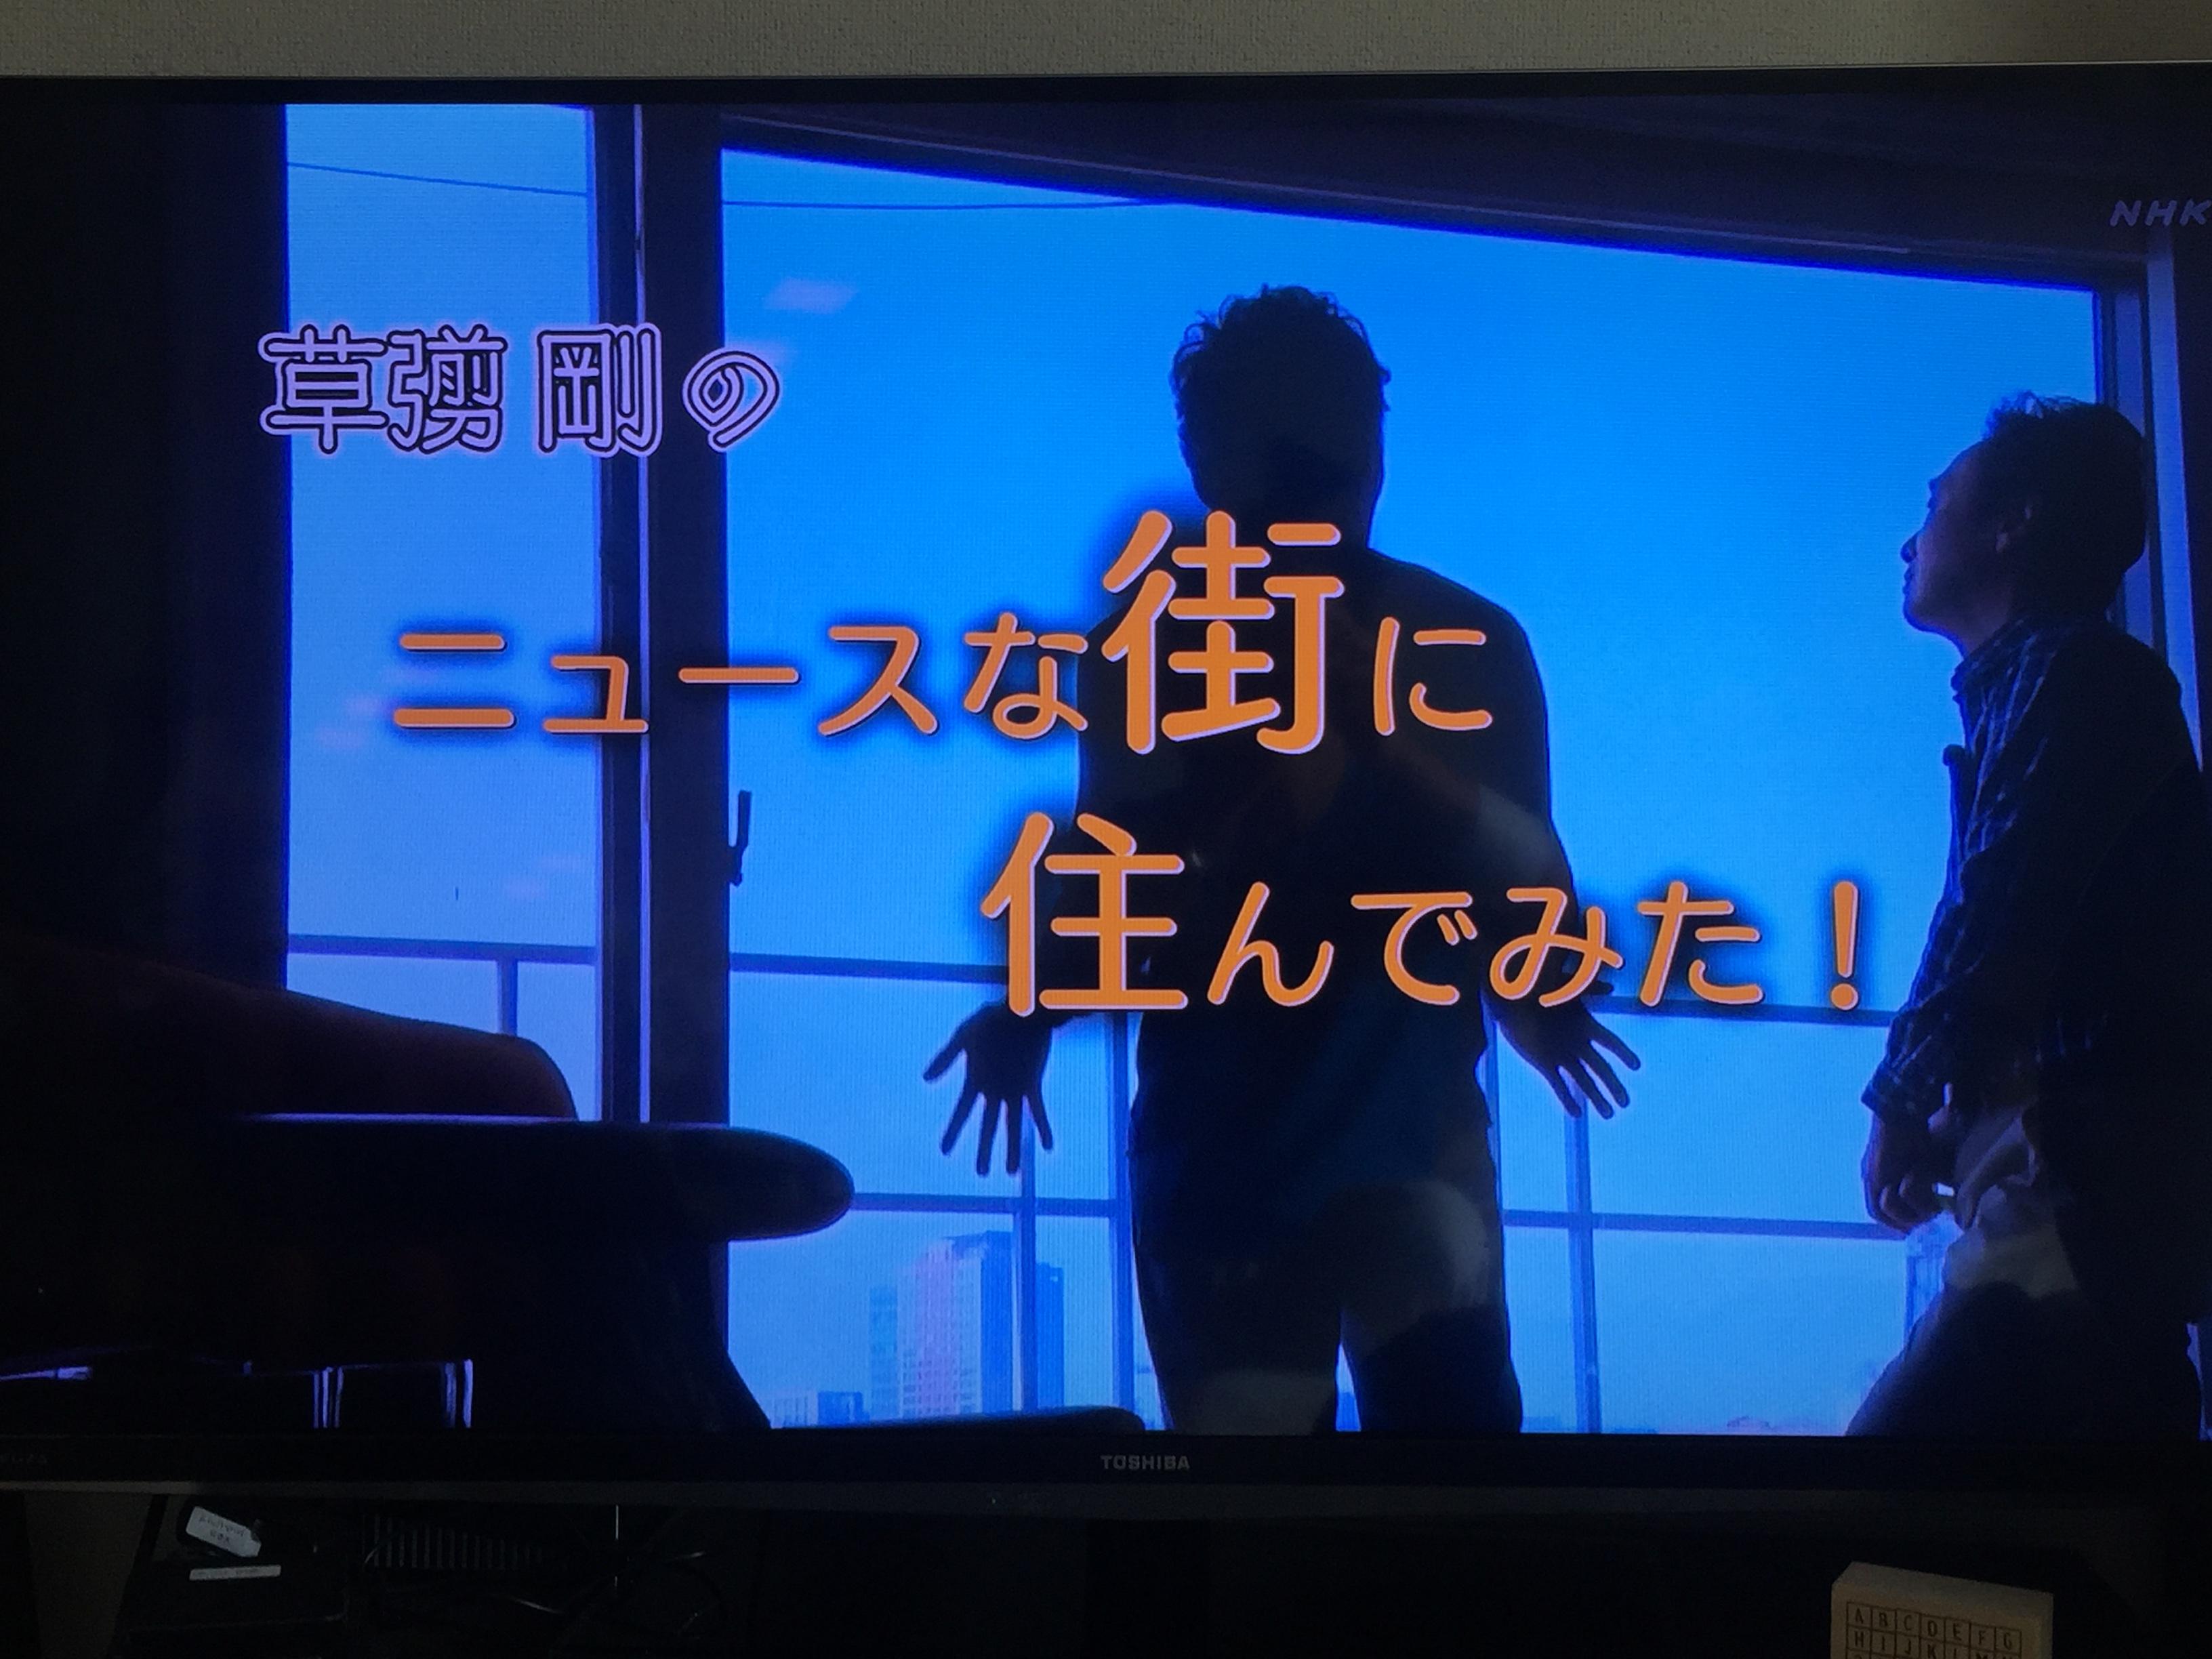 番組改編 おススメテレビ番組 海外紹介番組 12